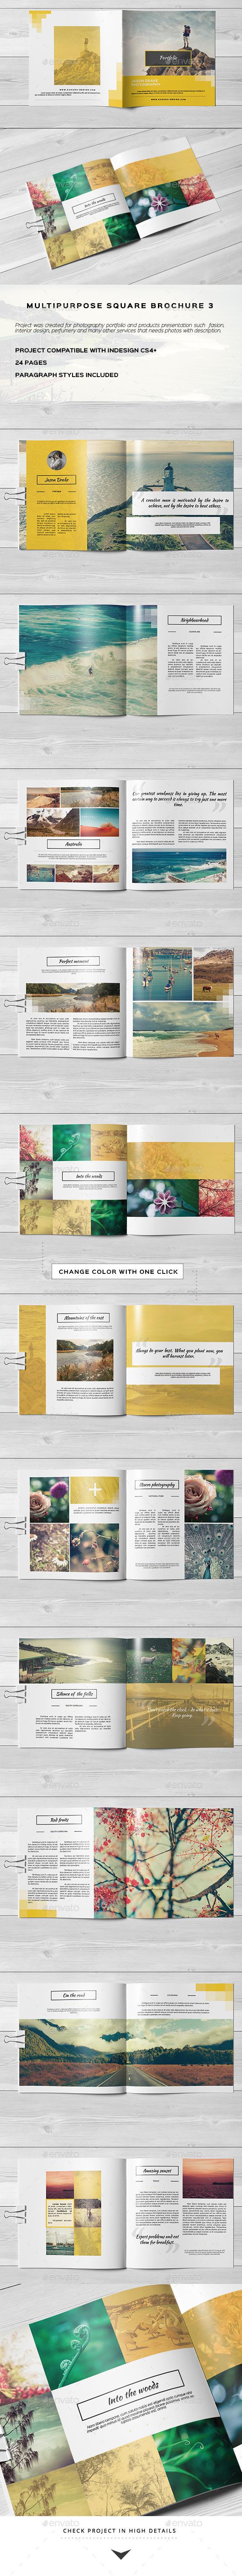 Multipurpose Square Brochure 3 - Portfolio Brochures